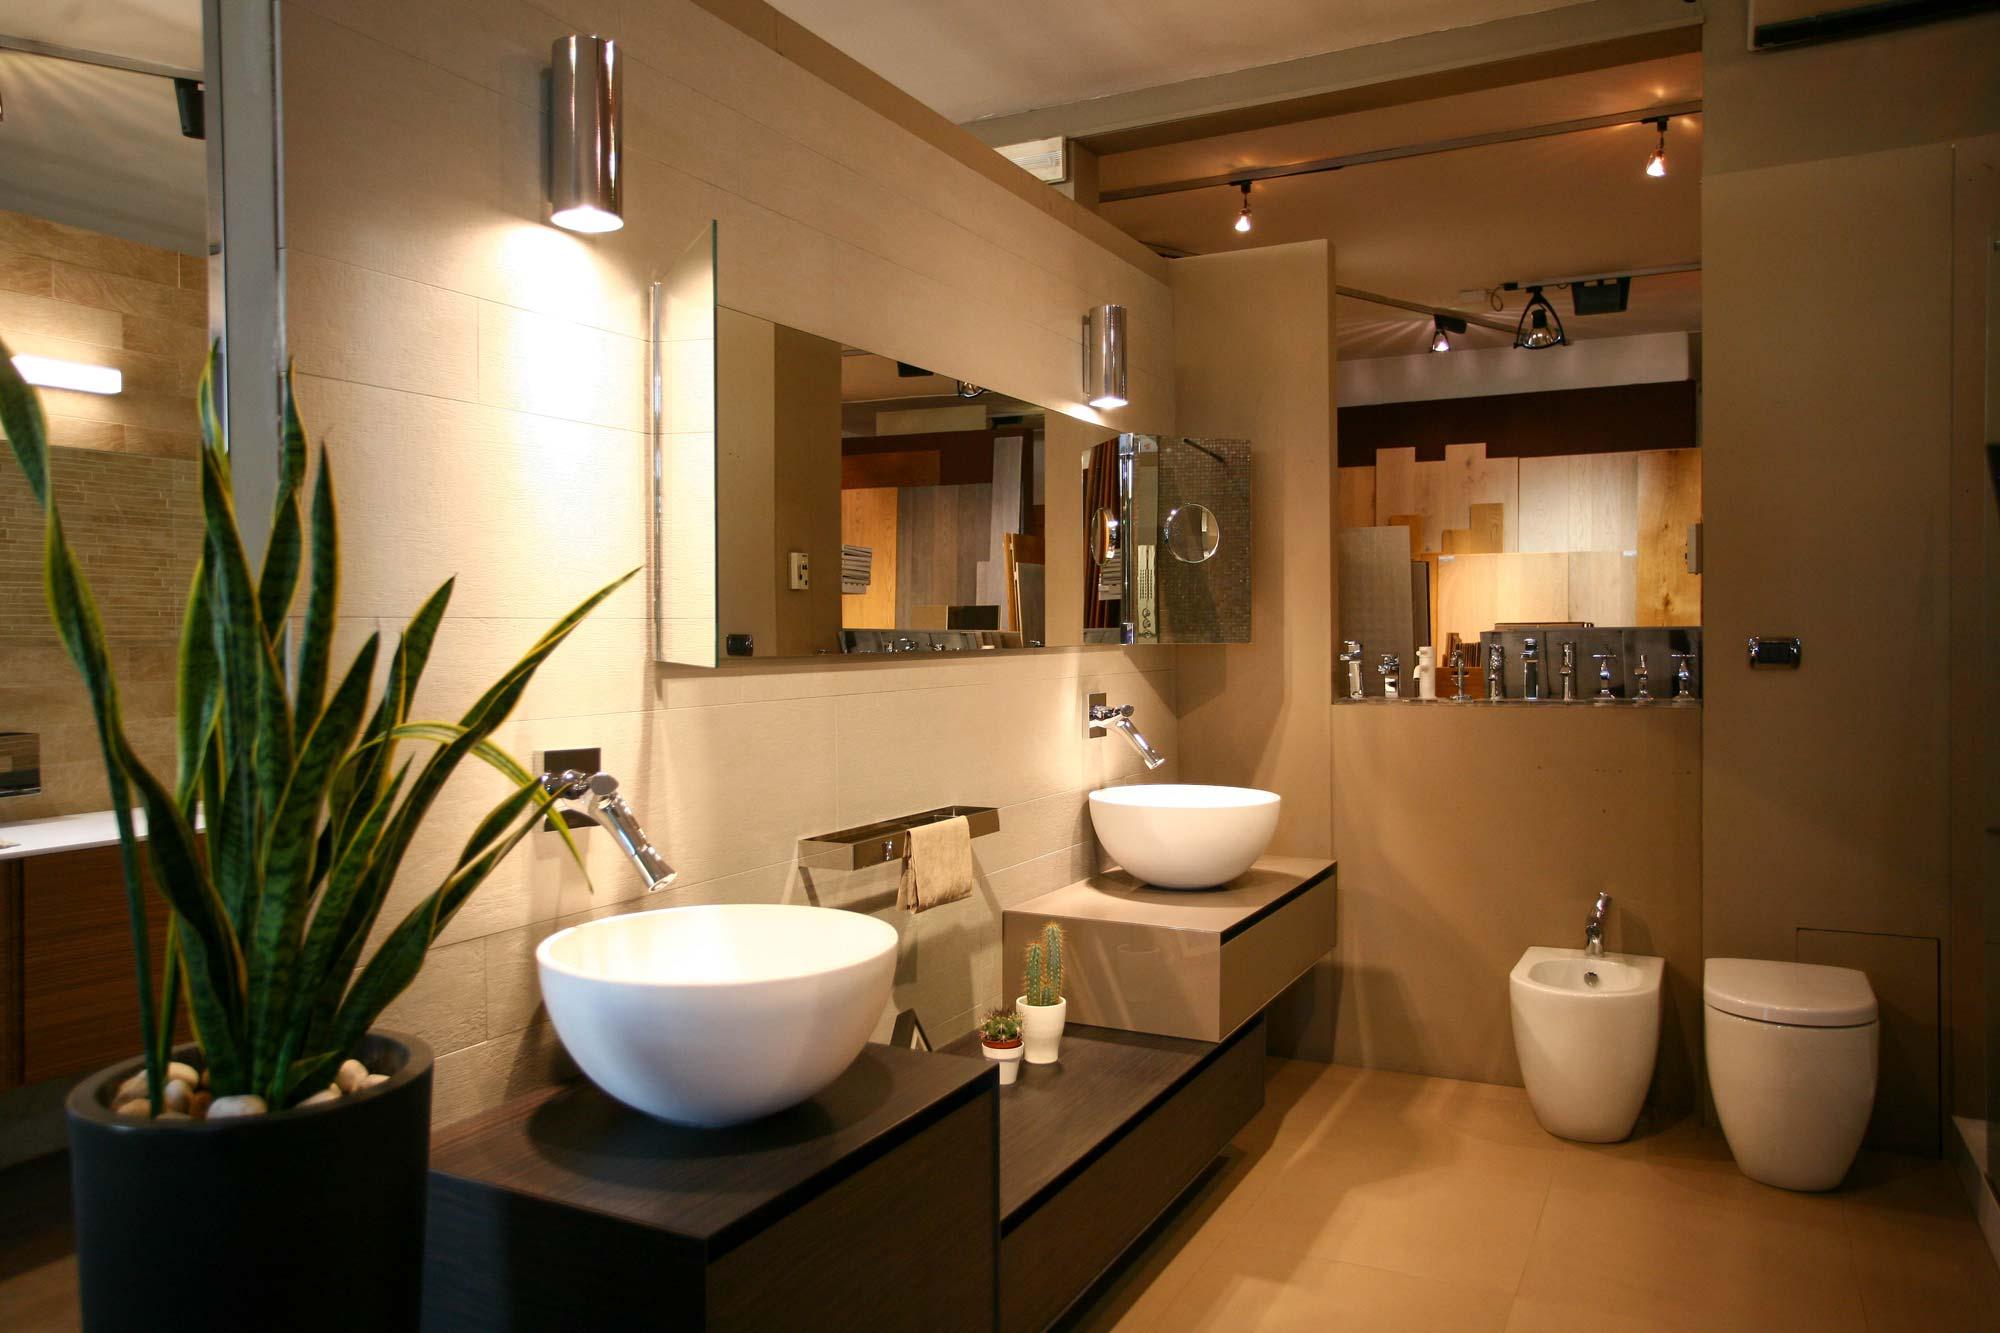 Come arredare il bagno - MORANDI SPA - Showroom arredamento casa, pavimenti, rivestimenti e ...